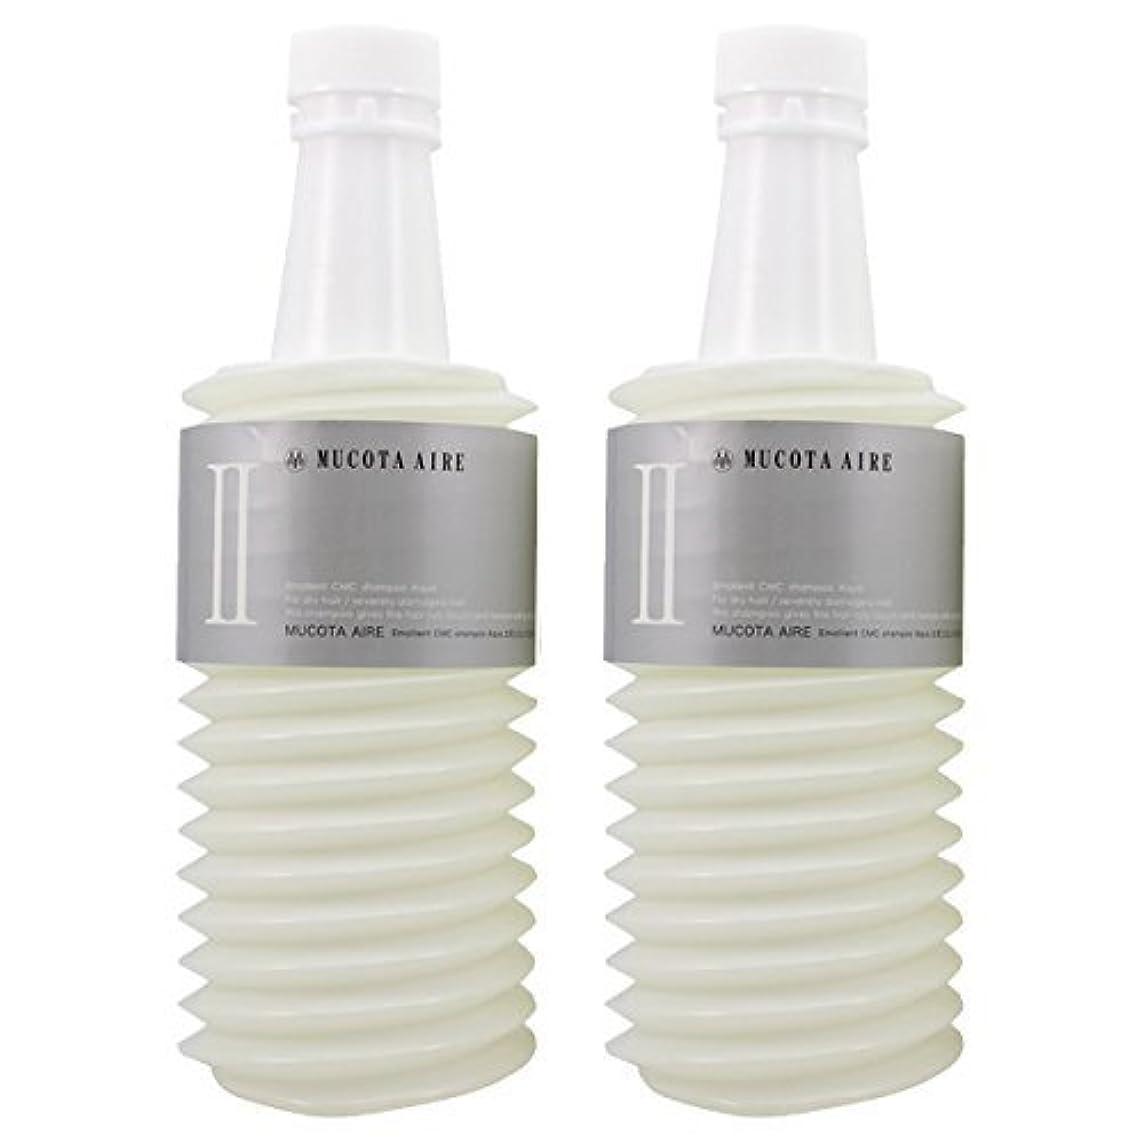 古風なソーダ水物理的な?x2個セット? ムコタ アデューラ アイレ02 エモリエントCMCシャンプー アクア 700ml(レフィル) 美容室 サロン専売品 詰め替え